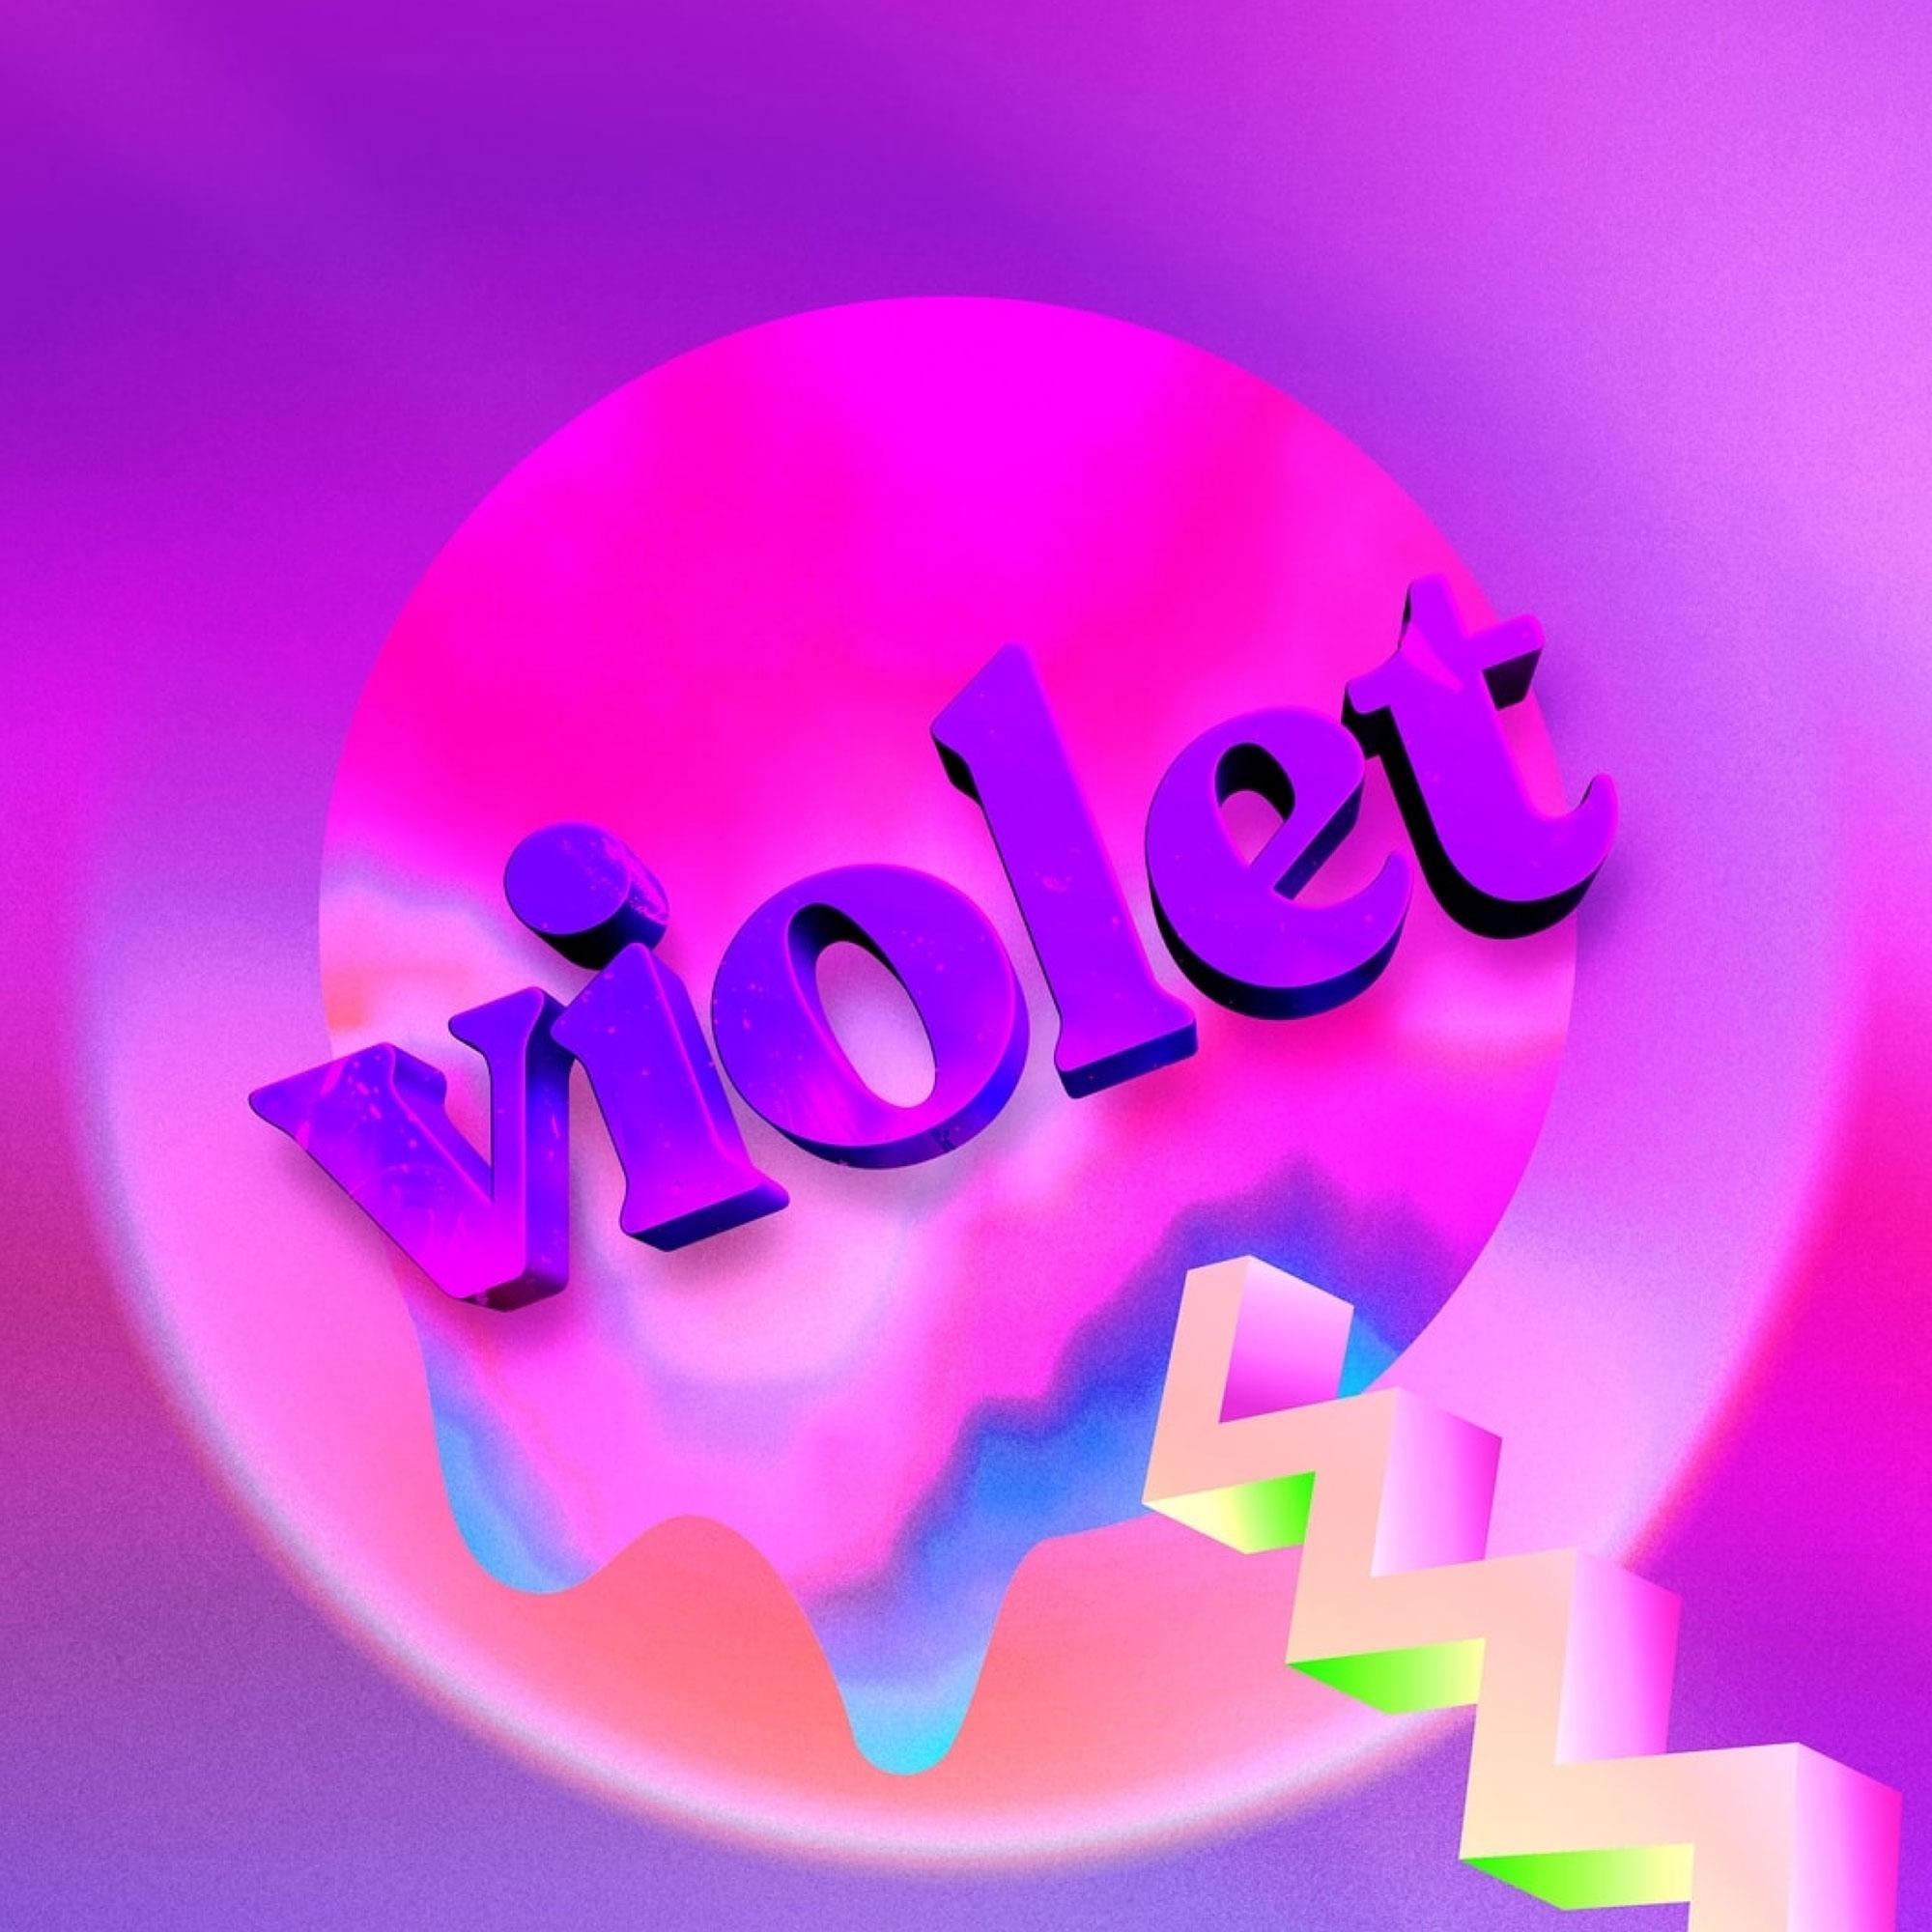 Violet 2.0